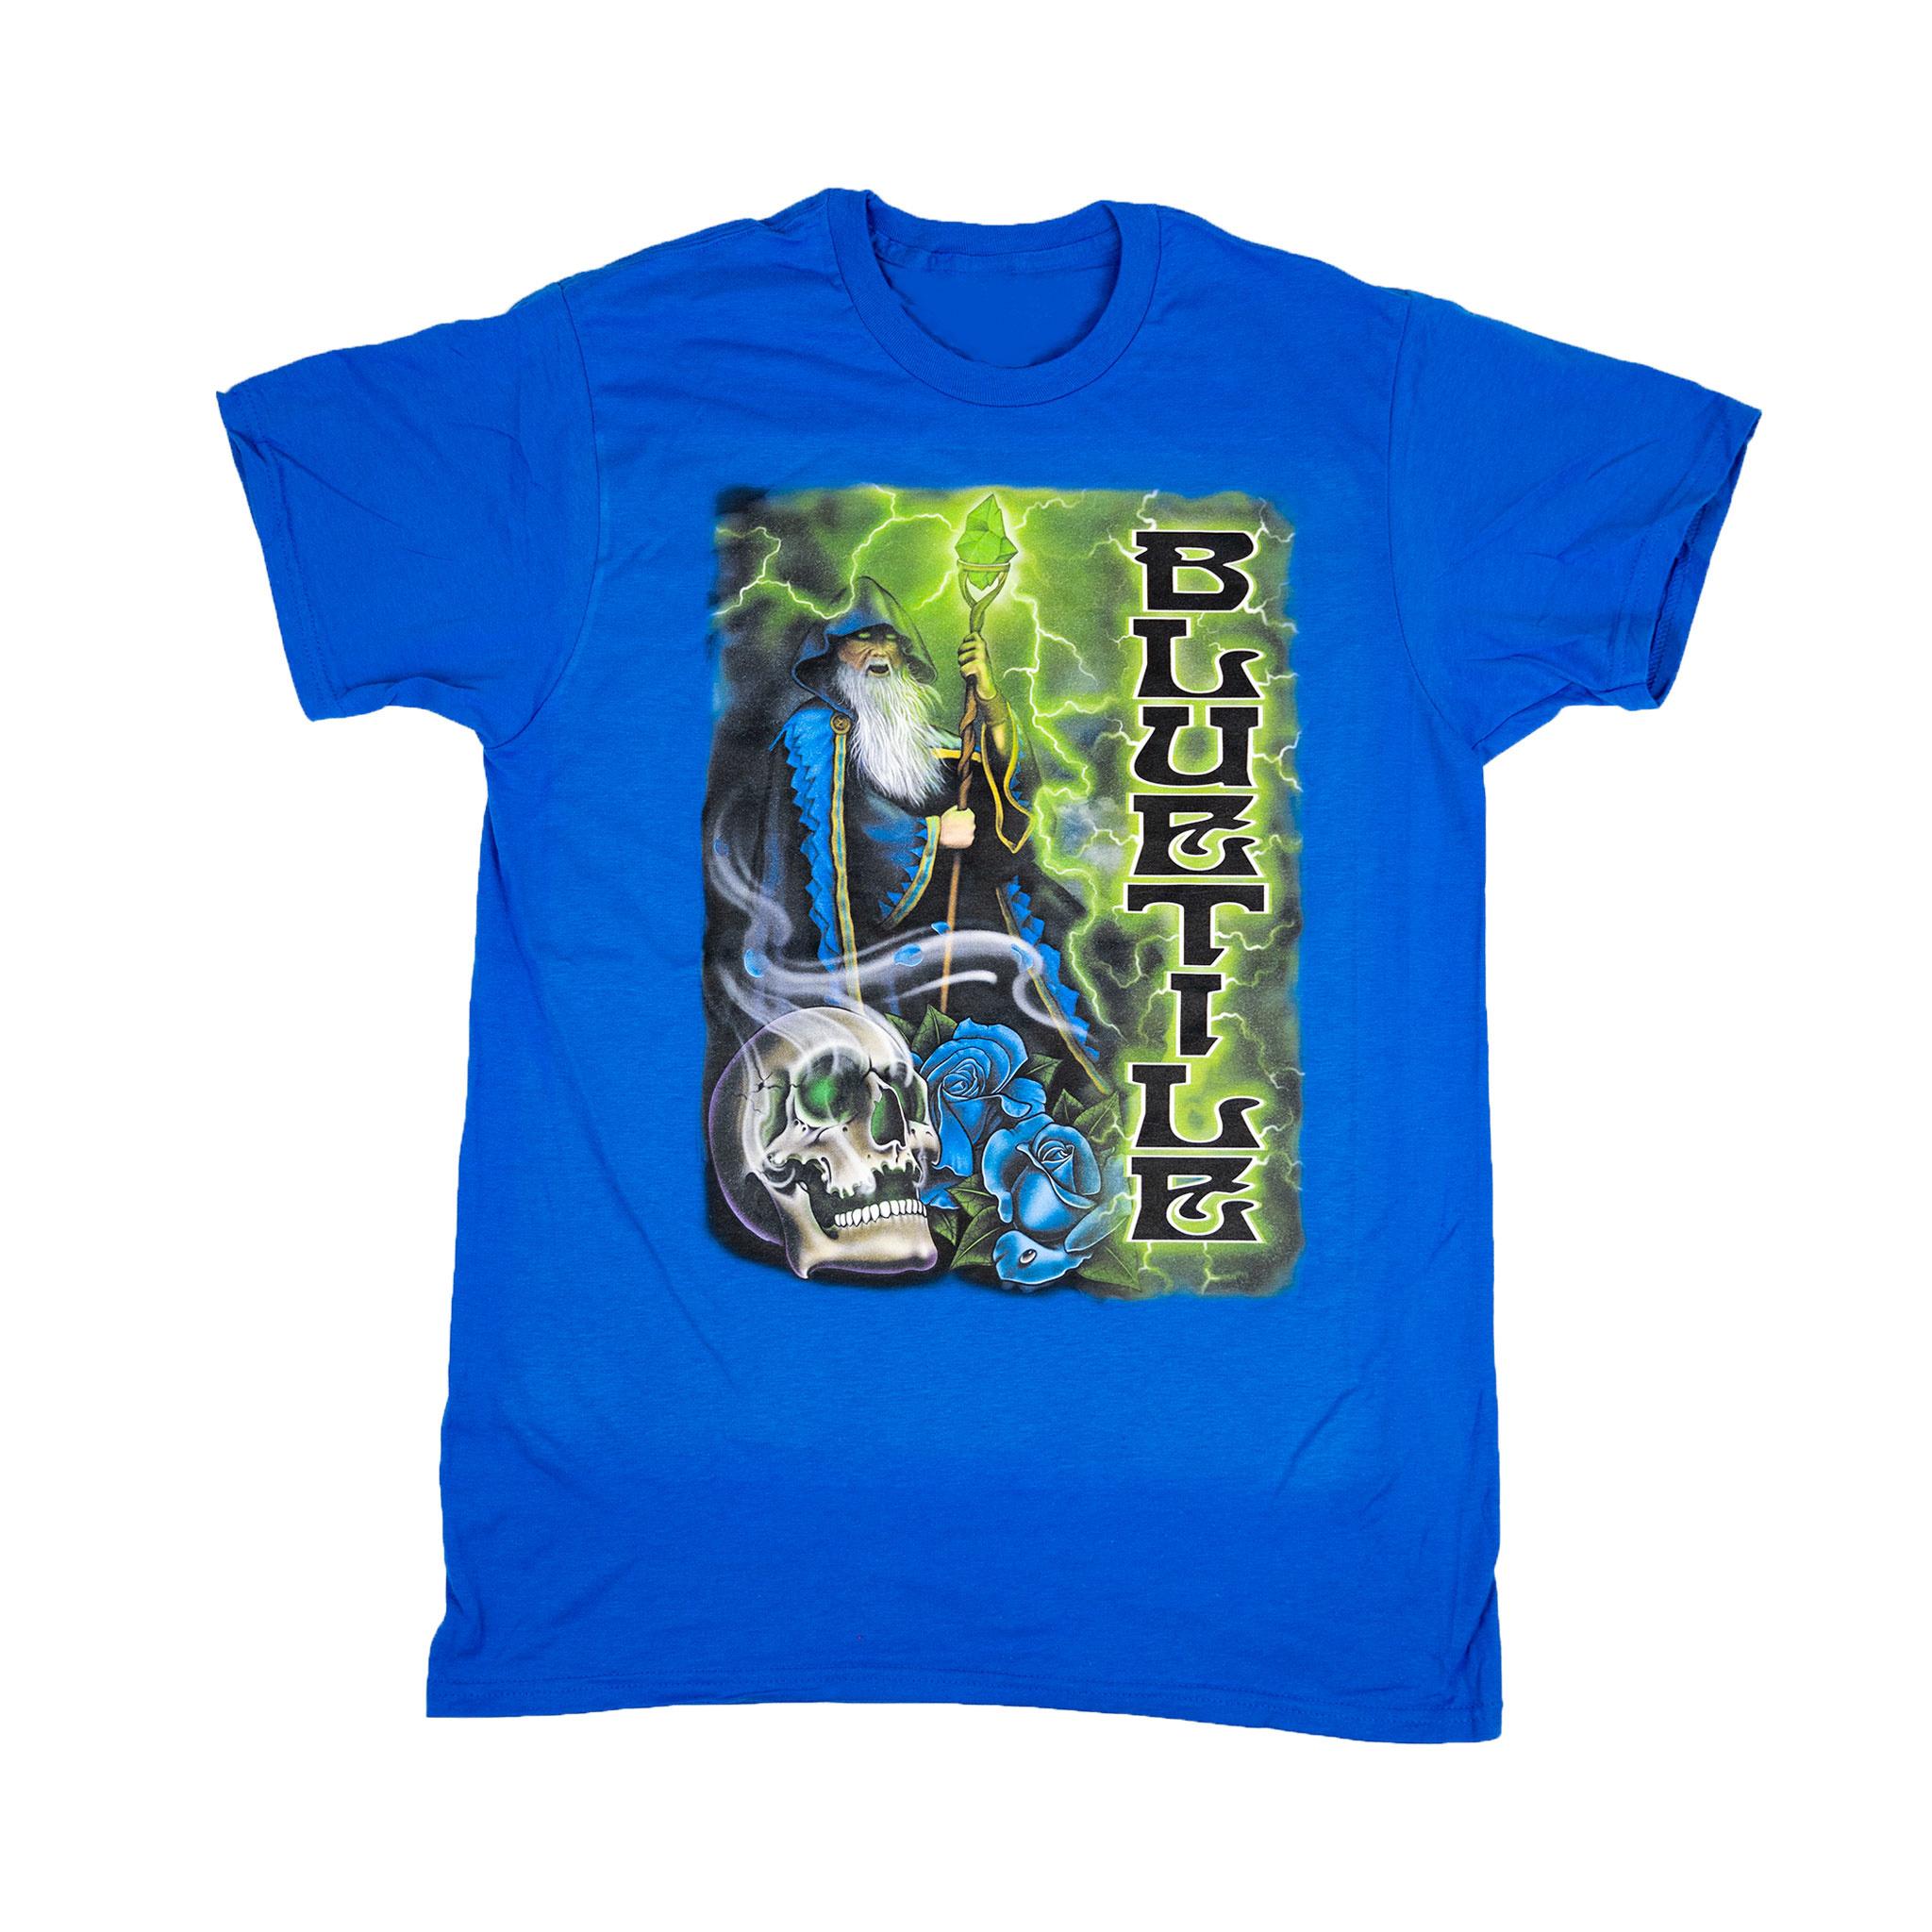 BLUETILE BLUETILE TRIPPY WIZARD T-SHIRT BLUE